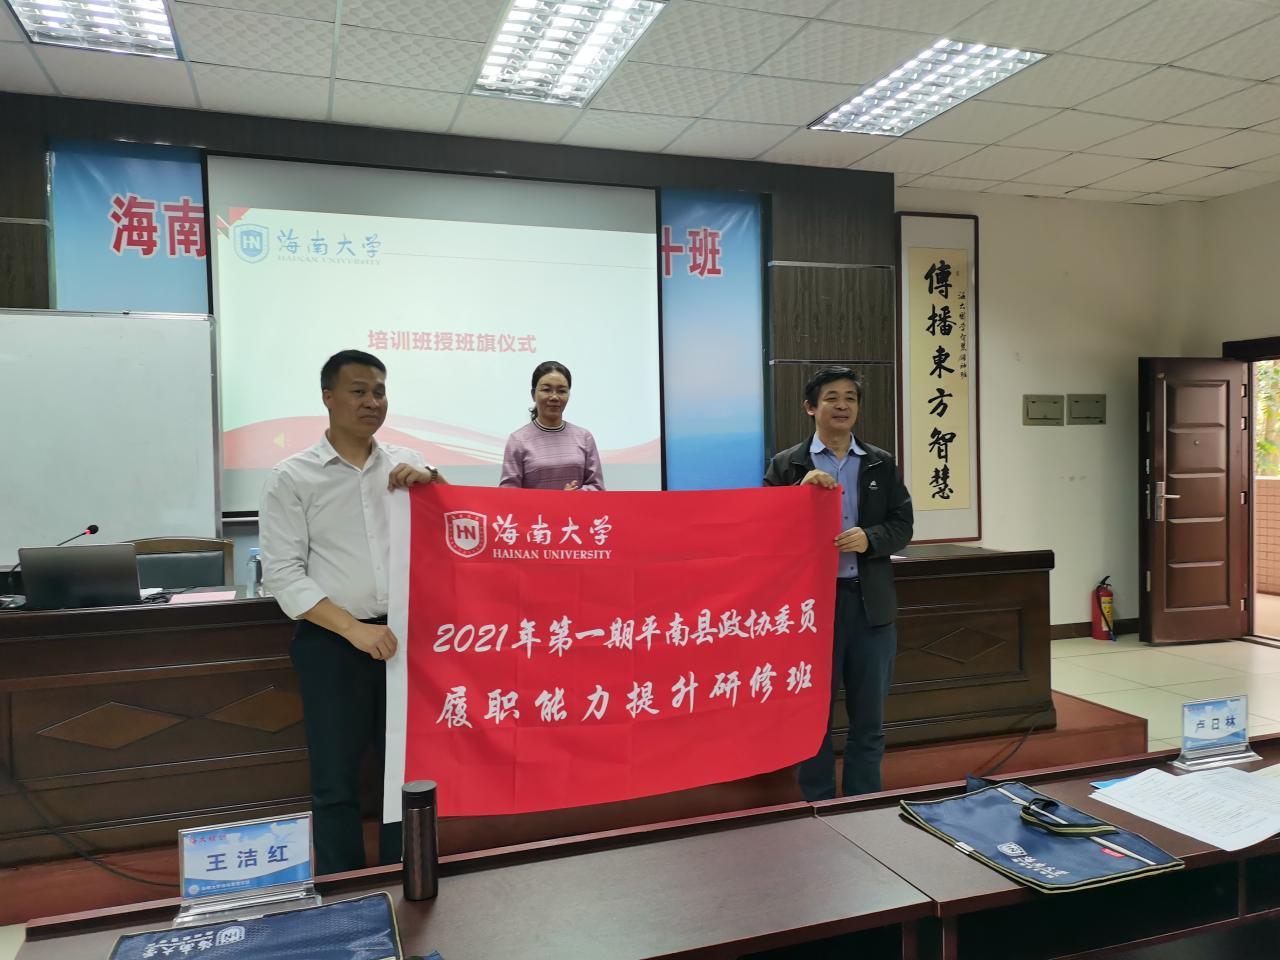 2021年第一期平南县政协委员履职能力提升研修班顺利开班